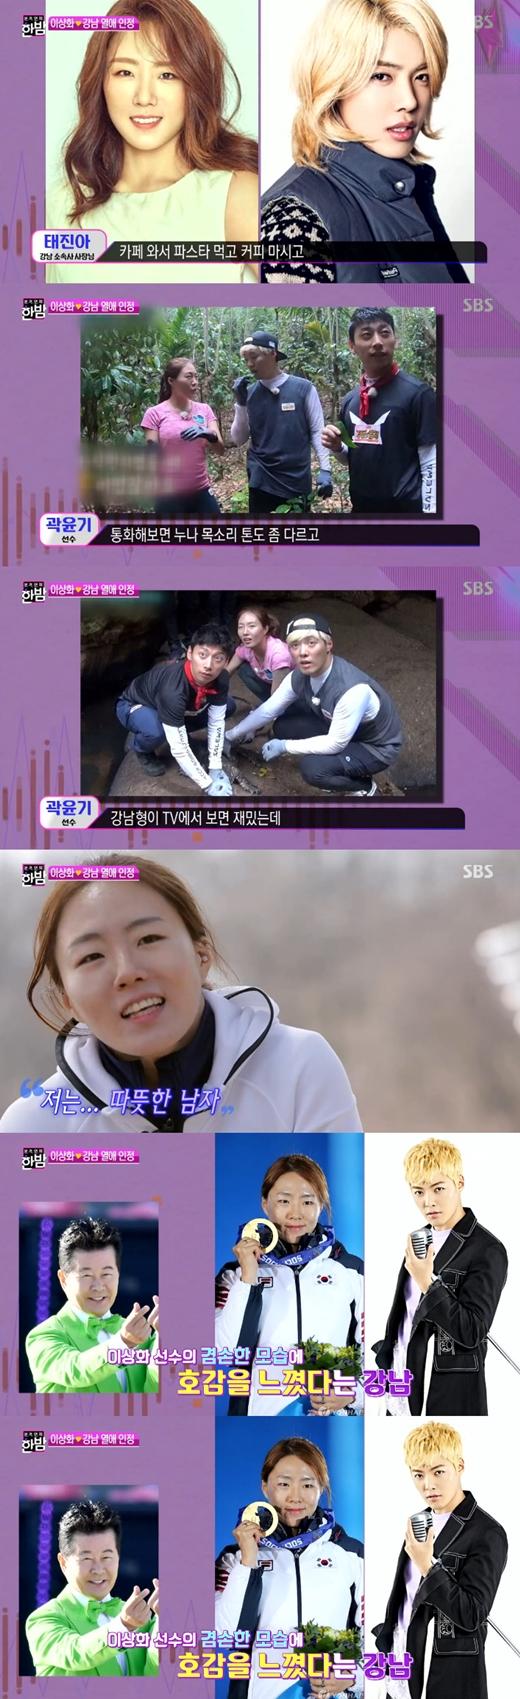 """'한밤' 태진아 """"강남♥이상화 커플 카페 데이트, 예쁜 커플 탄생했다"""""""